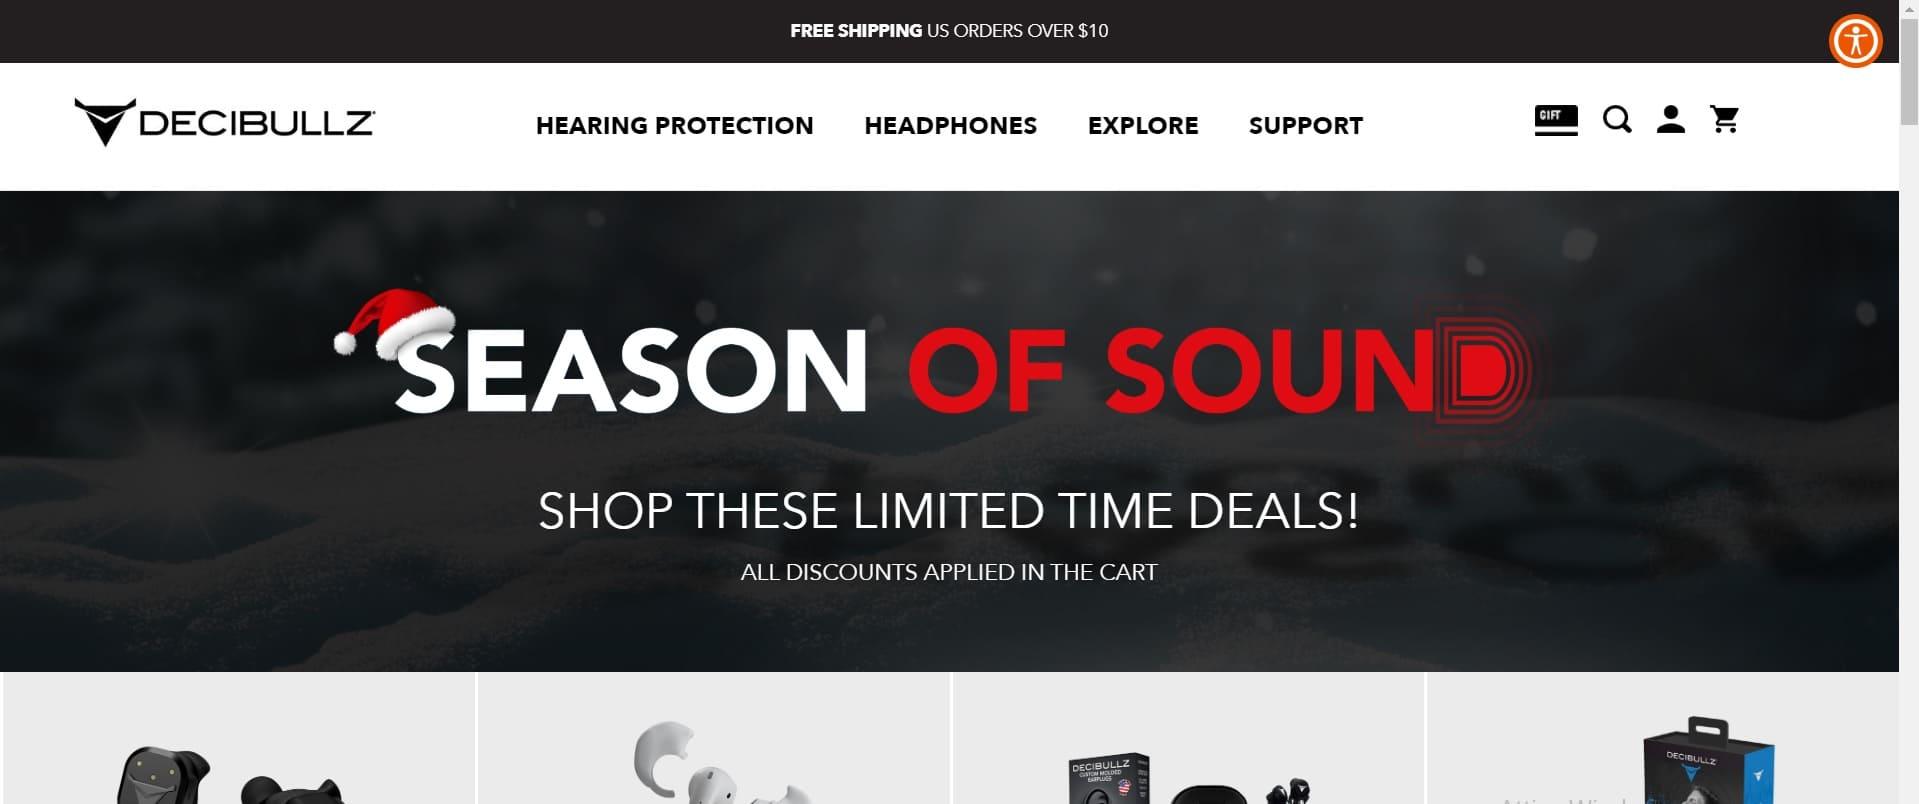 home page sito decibullz